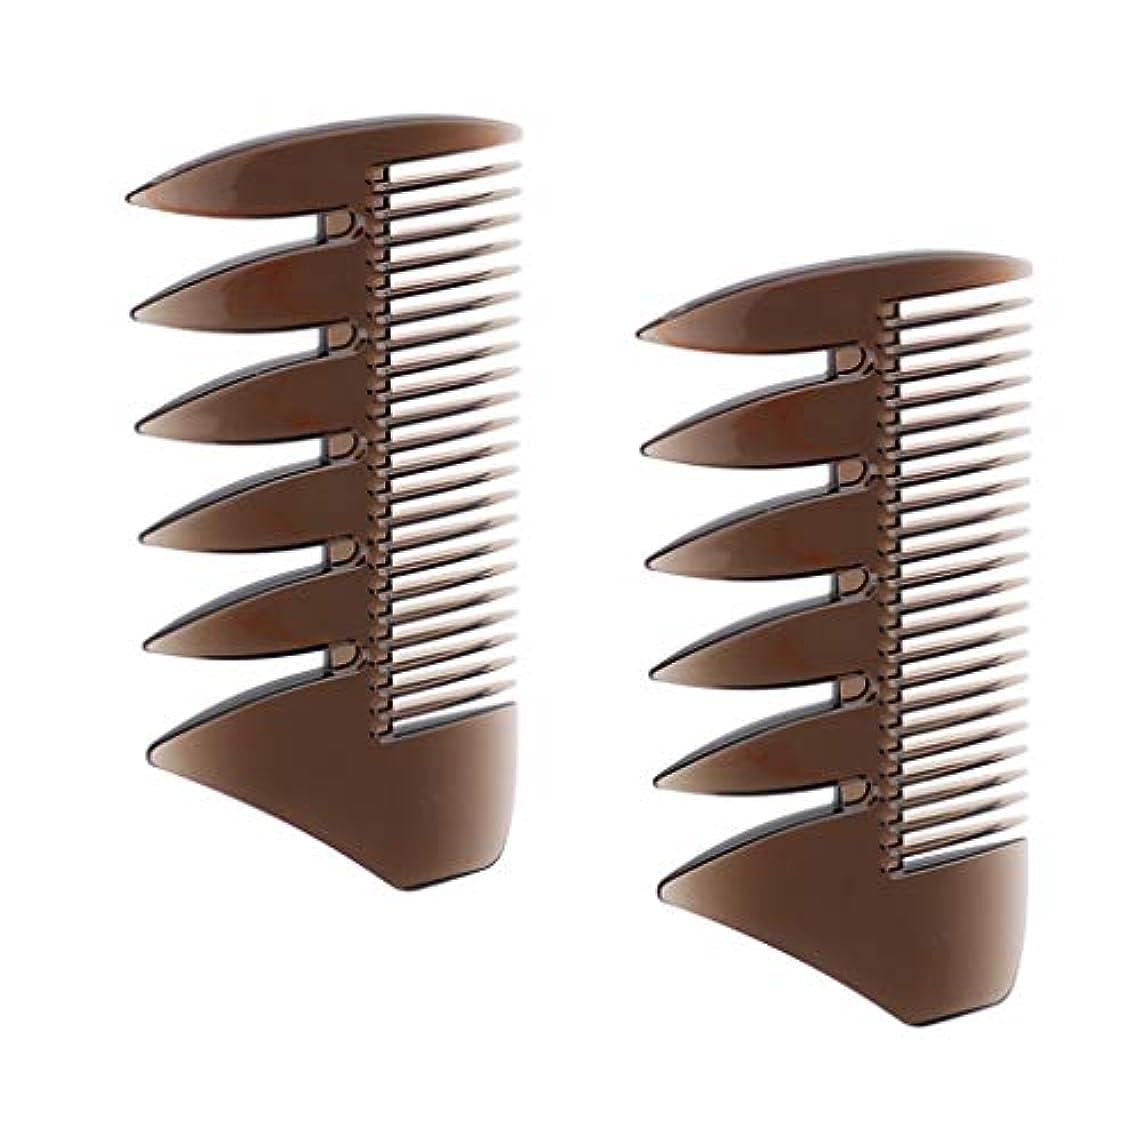 悪化させる一目泣く2個セット ヘアコンビ デュアルサイド メンズ オイルの髪 櫛 ヘアサロン ヘアスタイリング